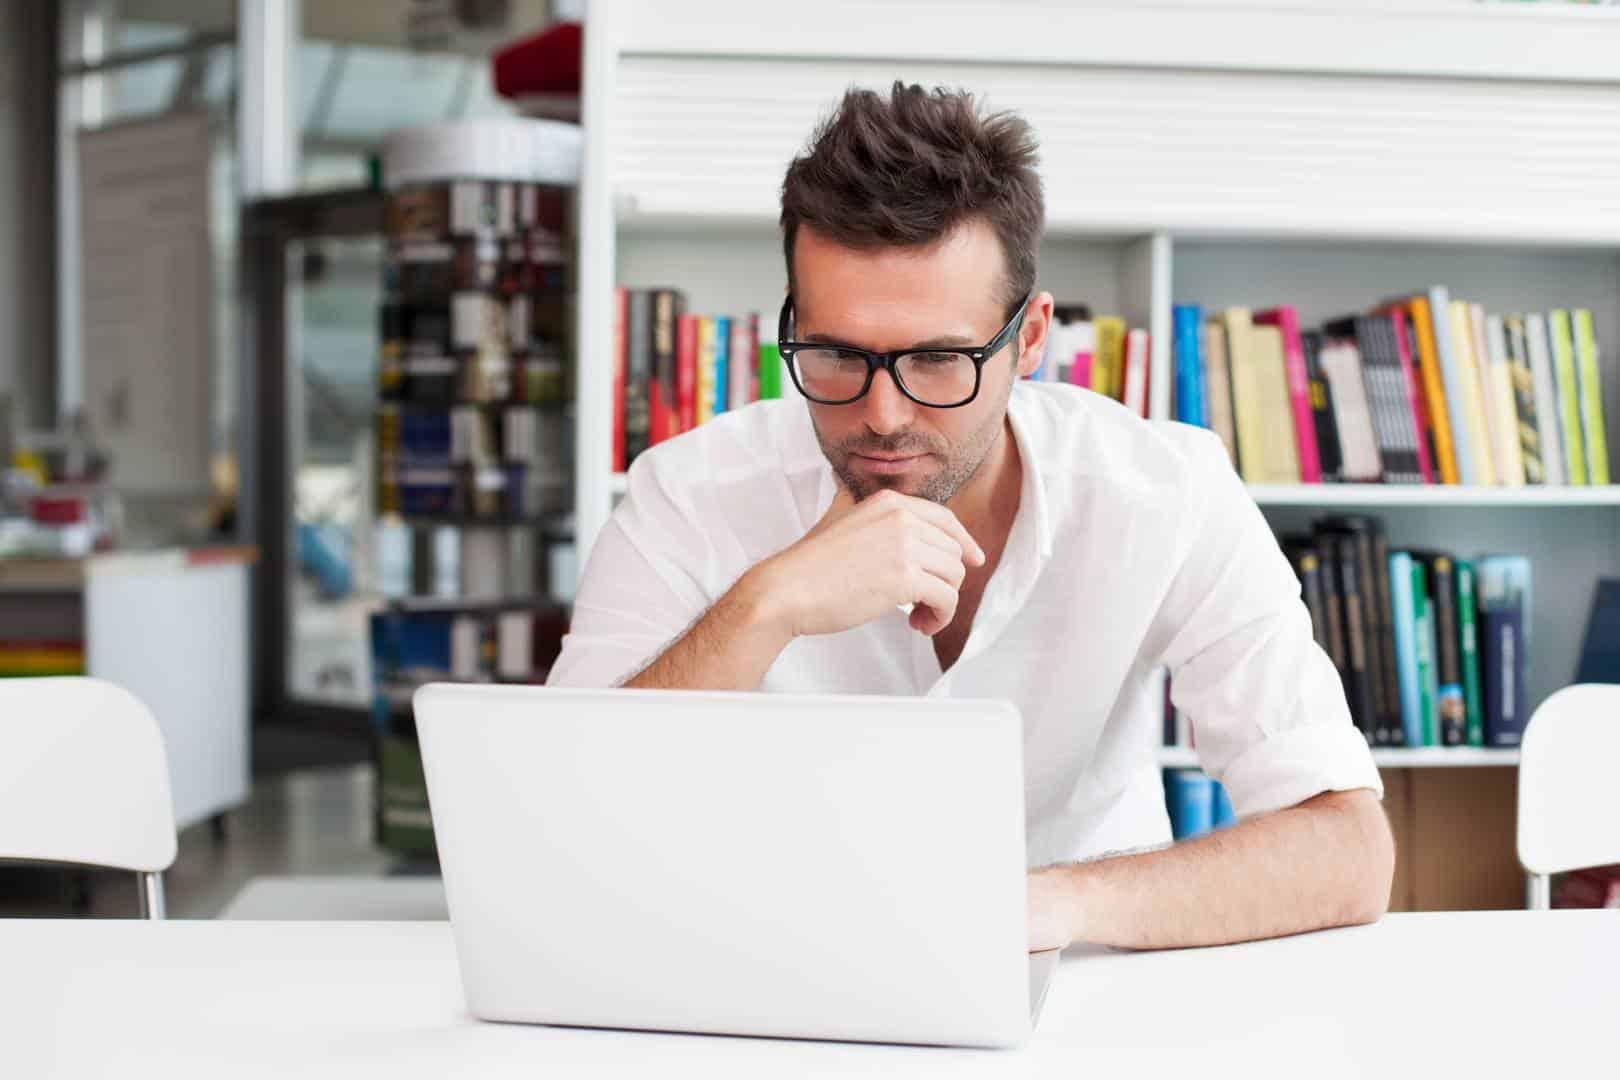 working hard, editing, man working on laptop